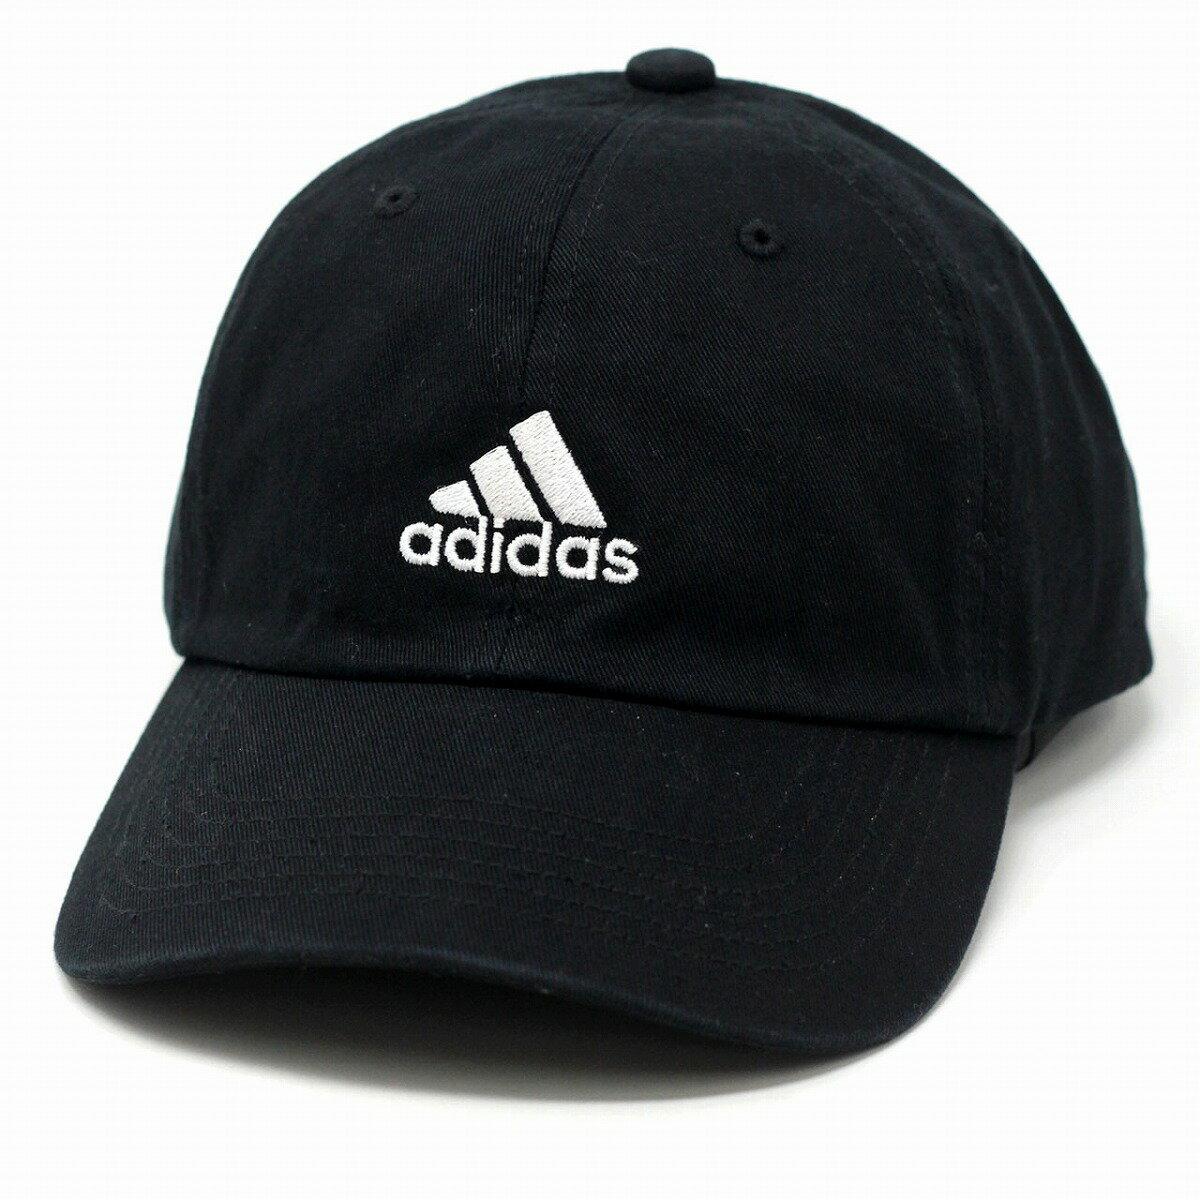 メンズ帽子, キャップ  upf50 adidas baseball cap